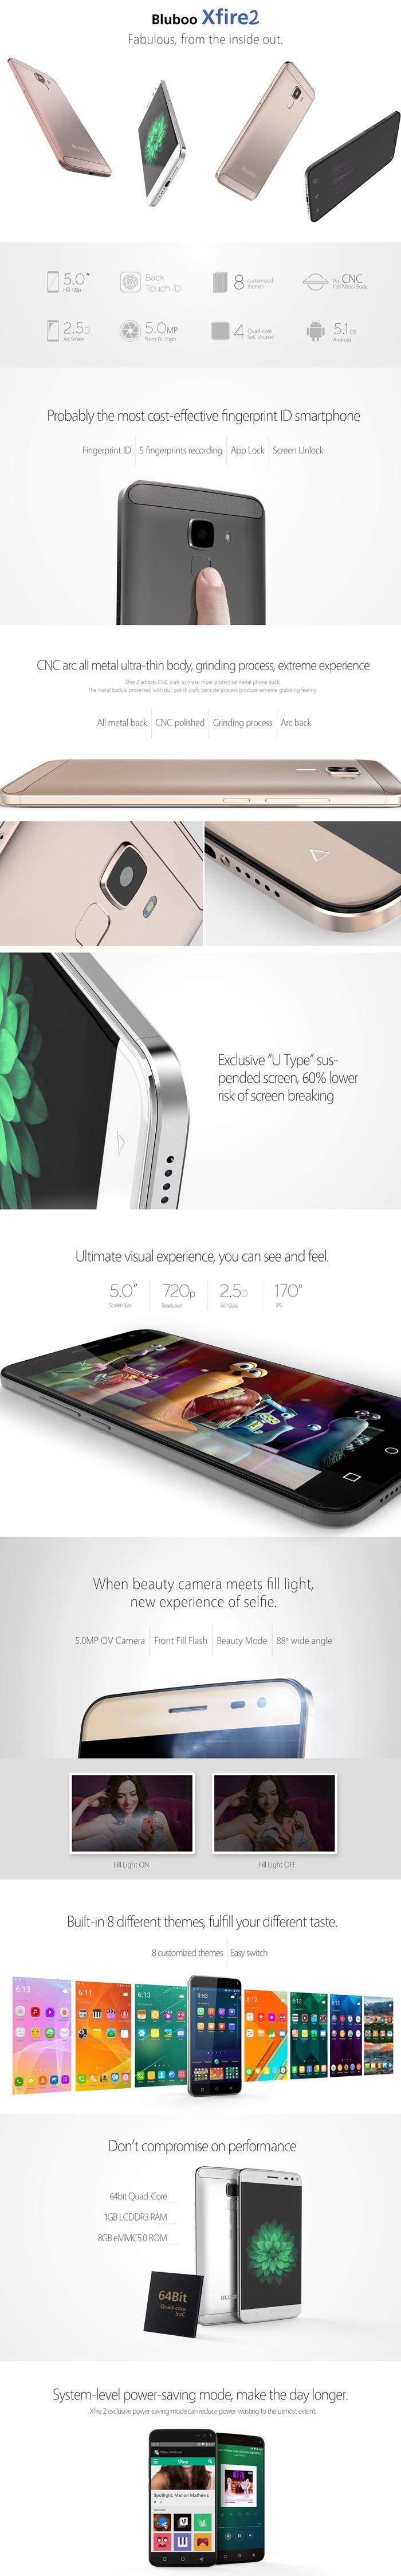 Bluboo Xfire2, две сим карти, смартфон спецификация